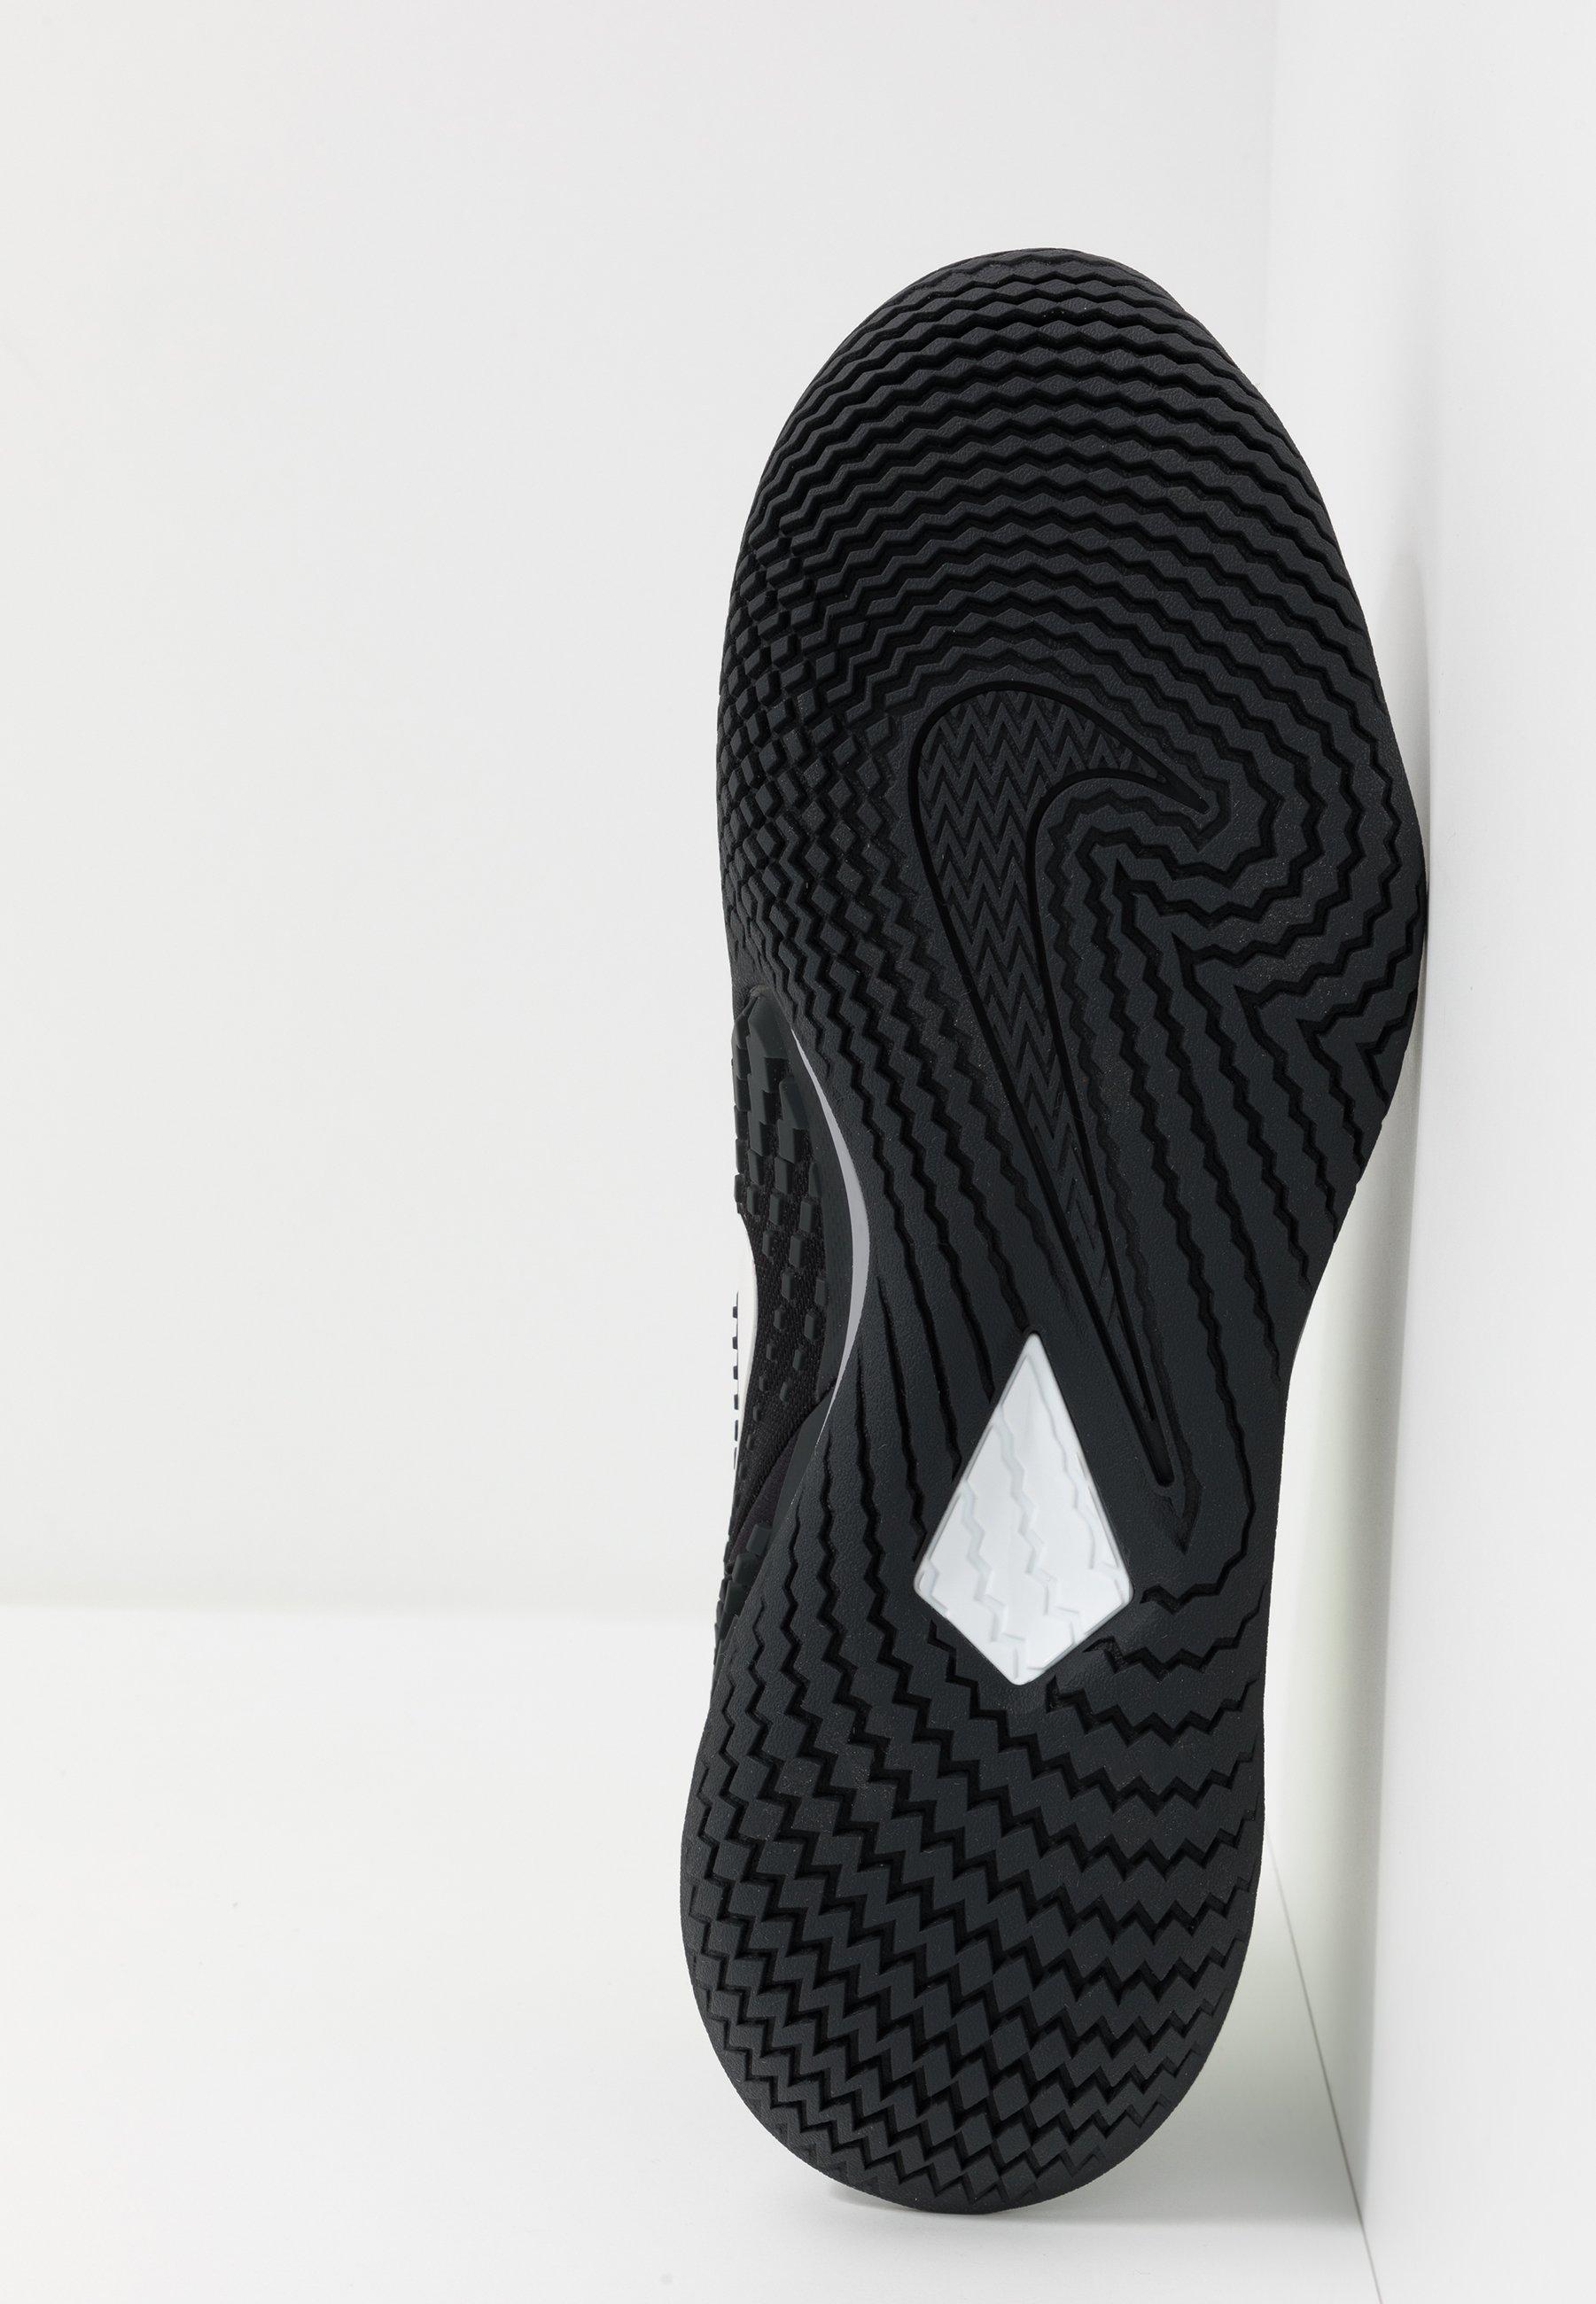 Negozio Scarpe da uomo Nike Performance AIR ZOOM VAPOR CAGE 4 Scarpe da tennis per tutte le superfici black/white/volt/dark smoke grey